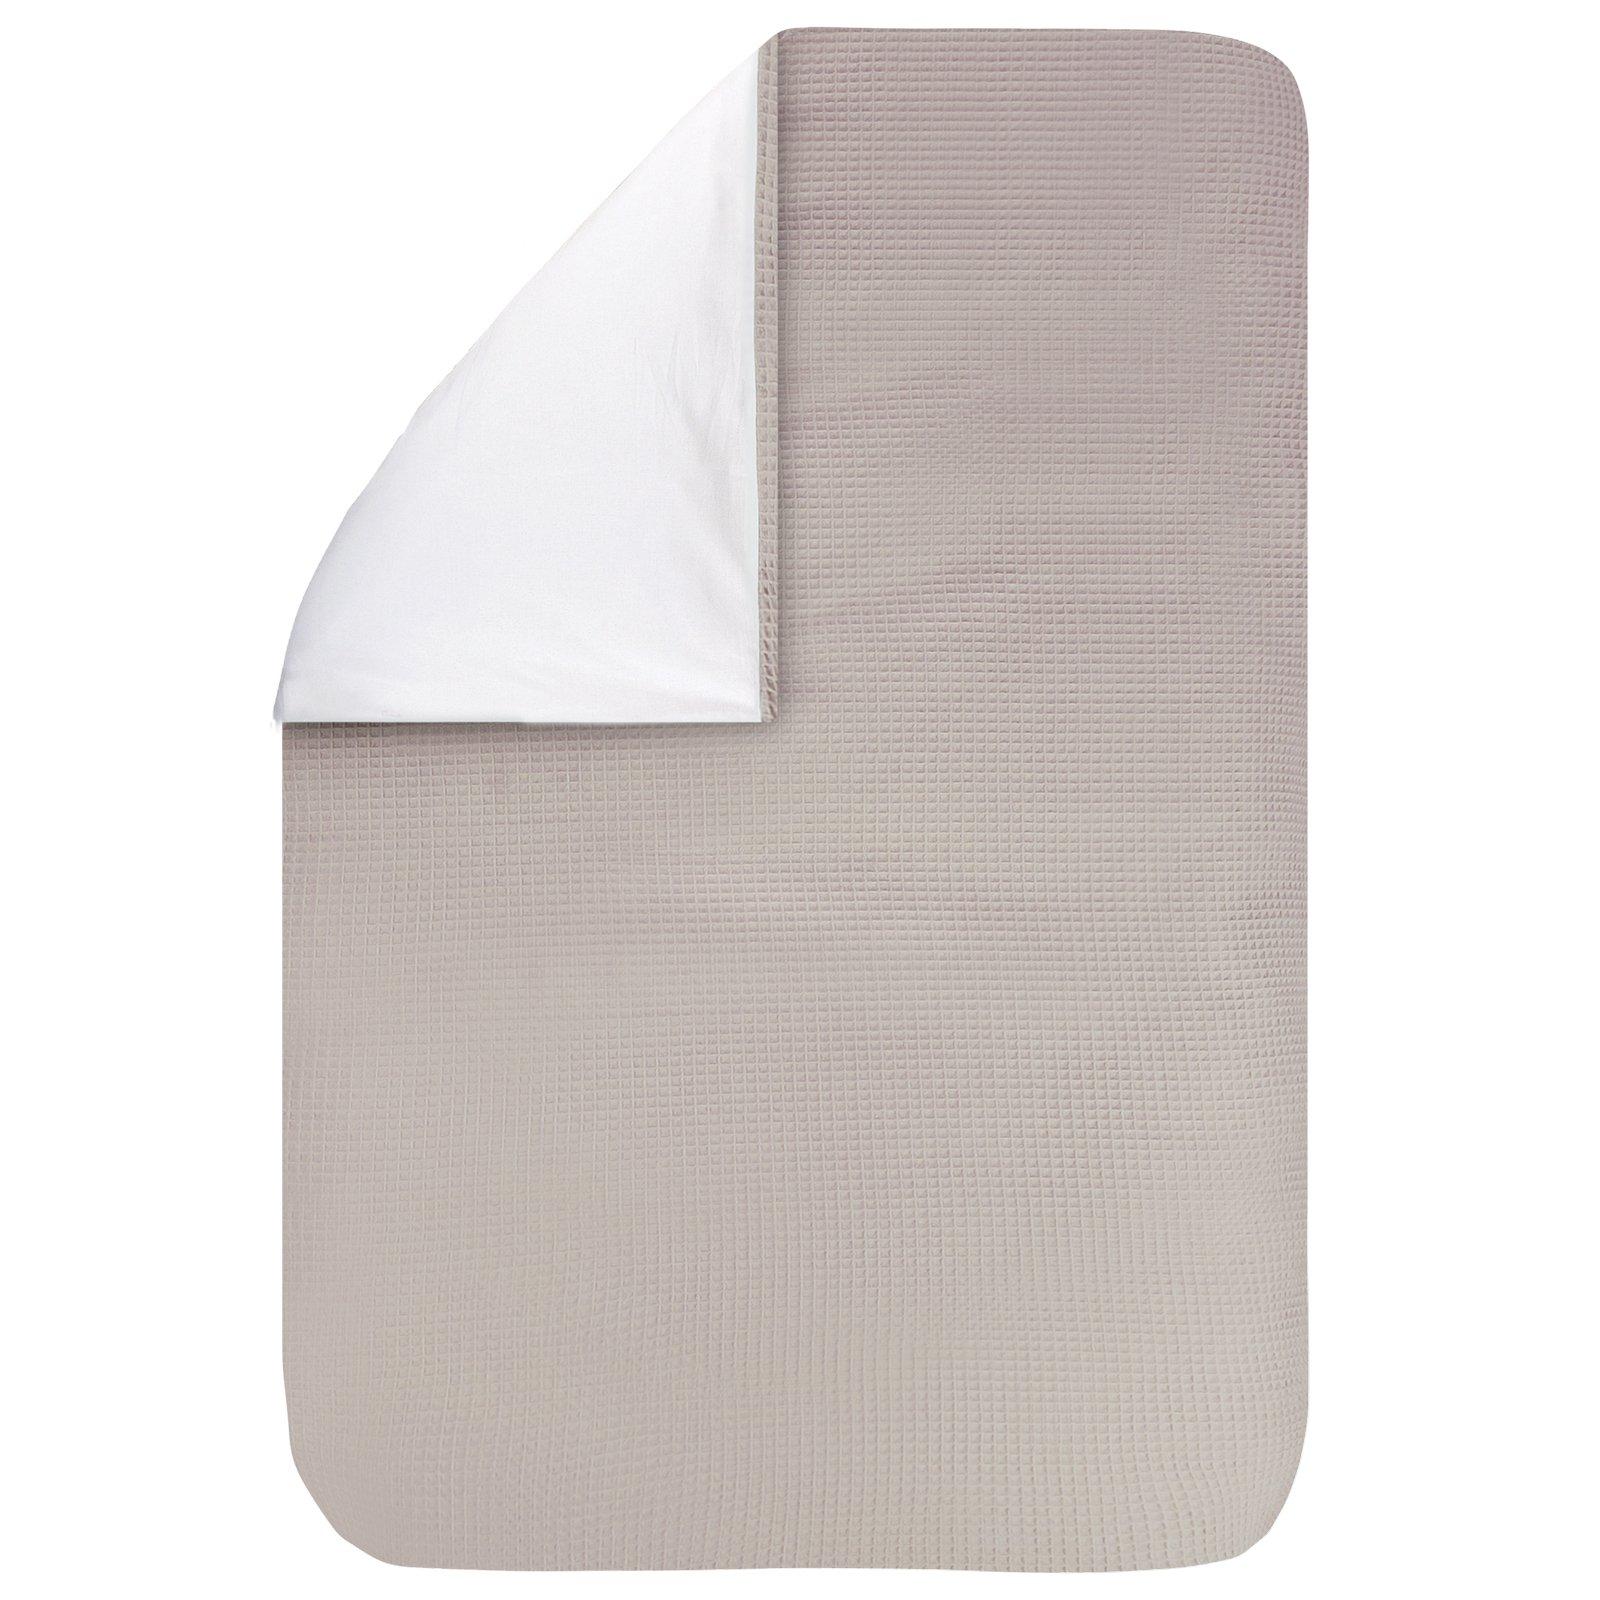 Dekbedovertrek Pique zand 100x135, een fijn dekbedovertrek van zachte zand-beige wafelkatoen. Goed te combineren met BINK printjes.